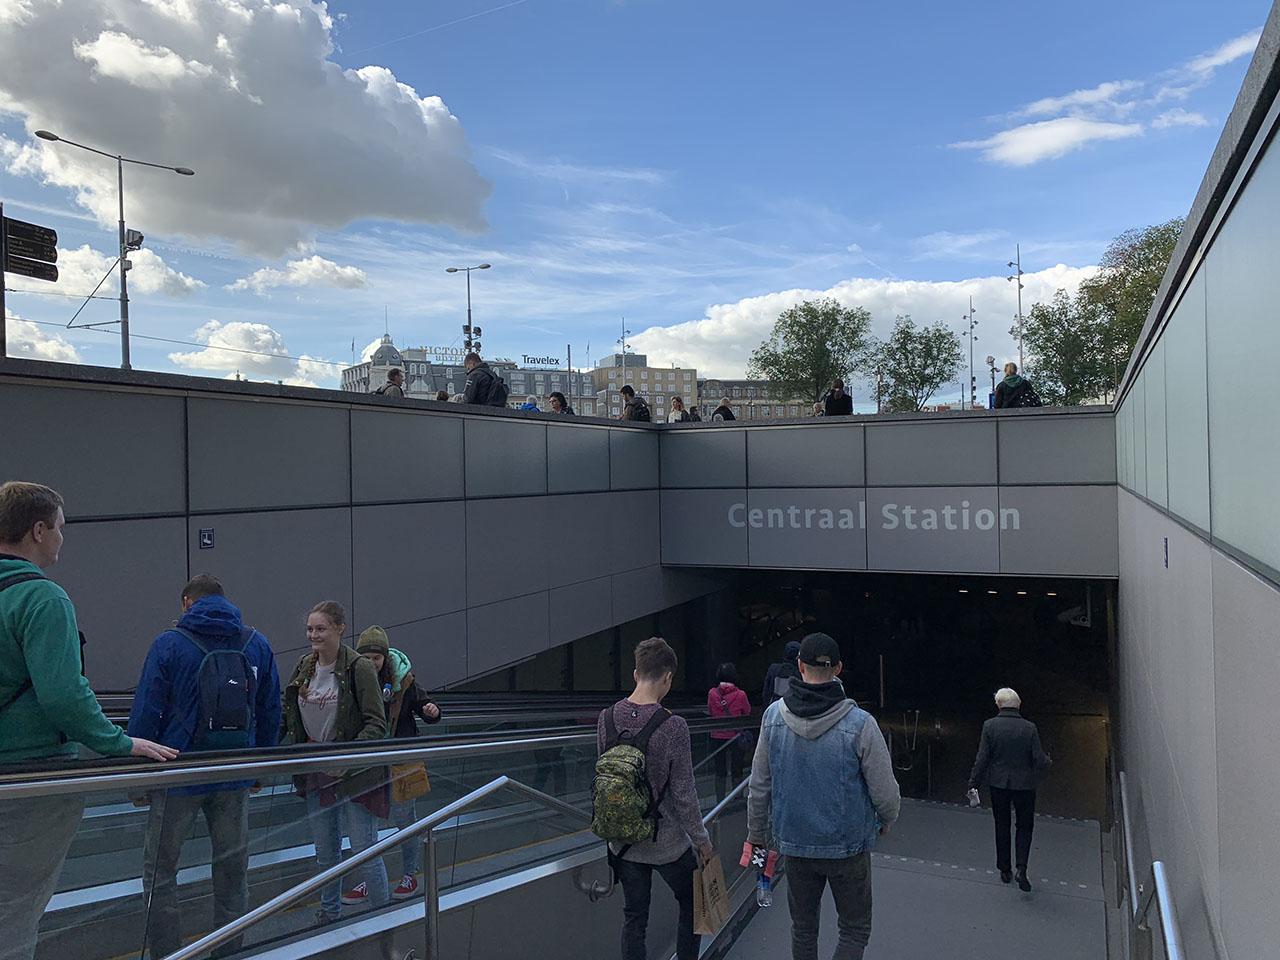 Centraal Station, foto gemaakt met iPhone XS Max